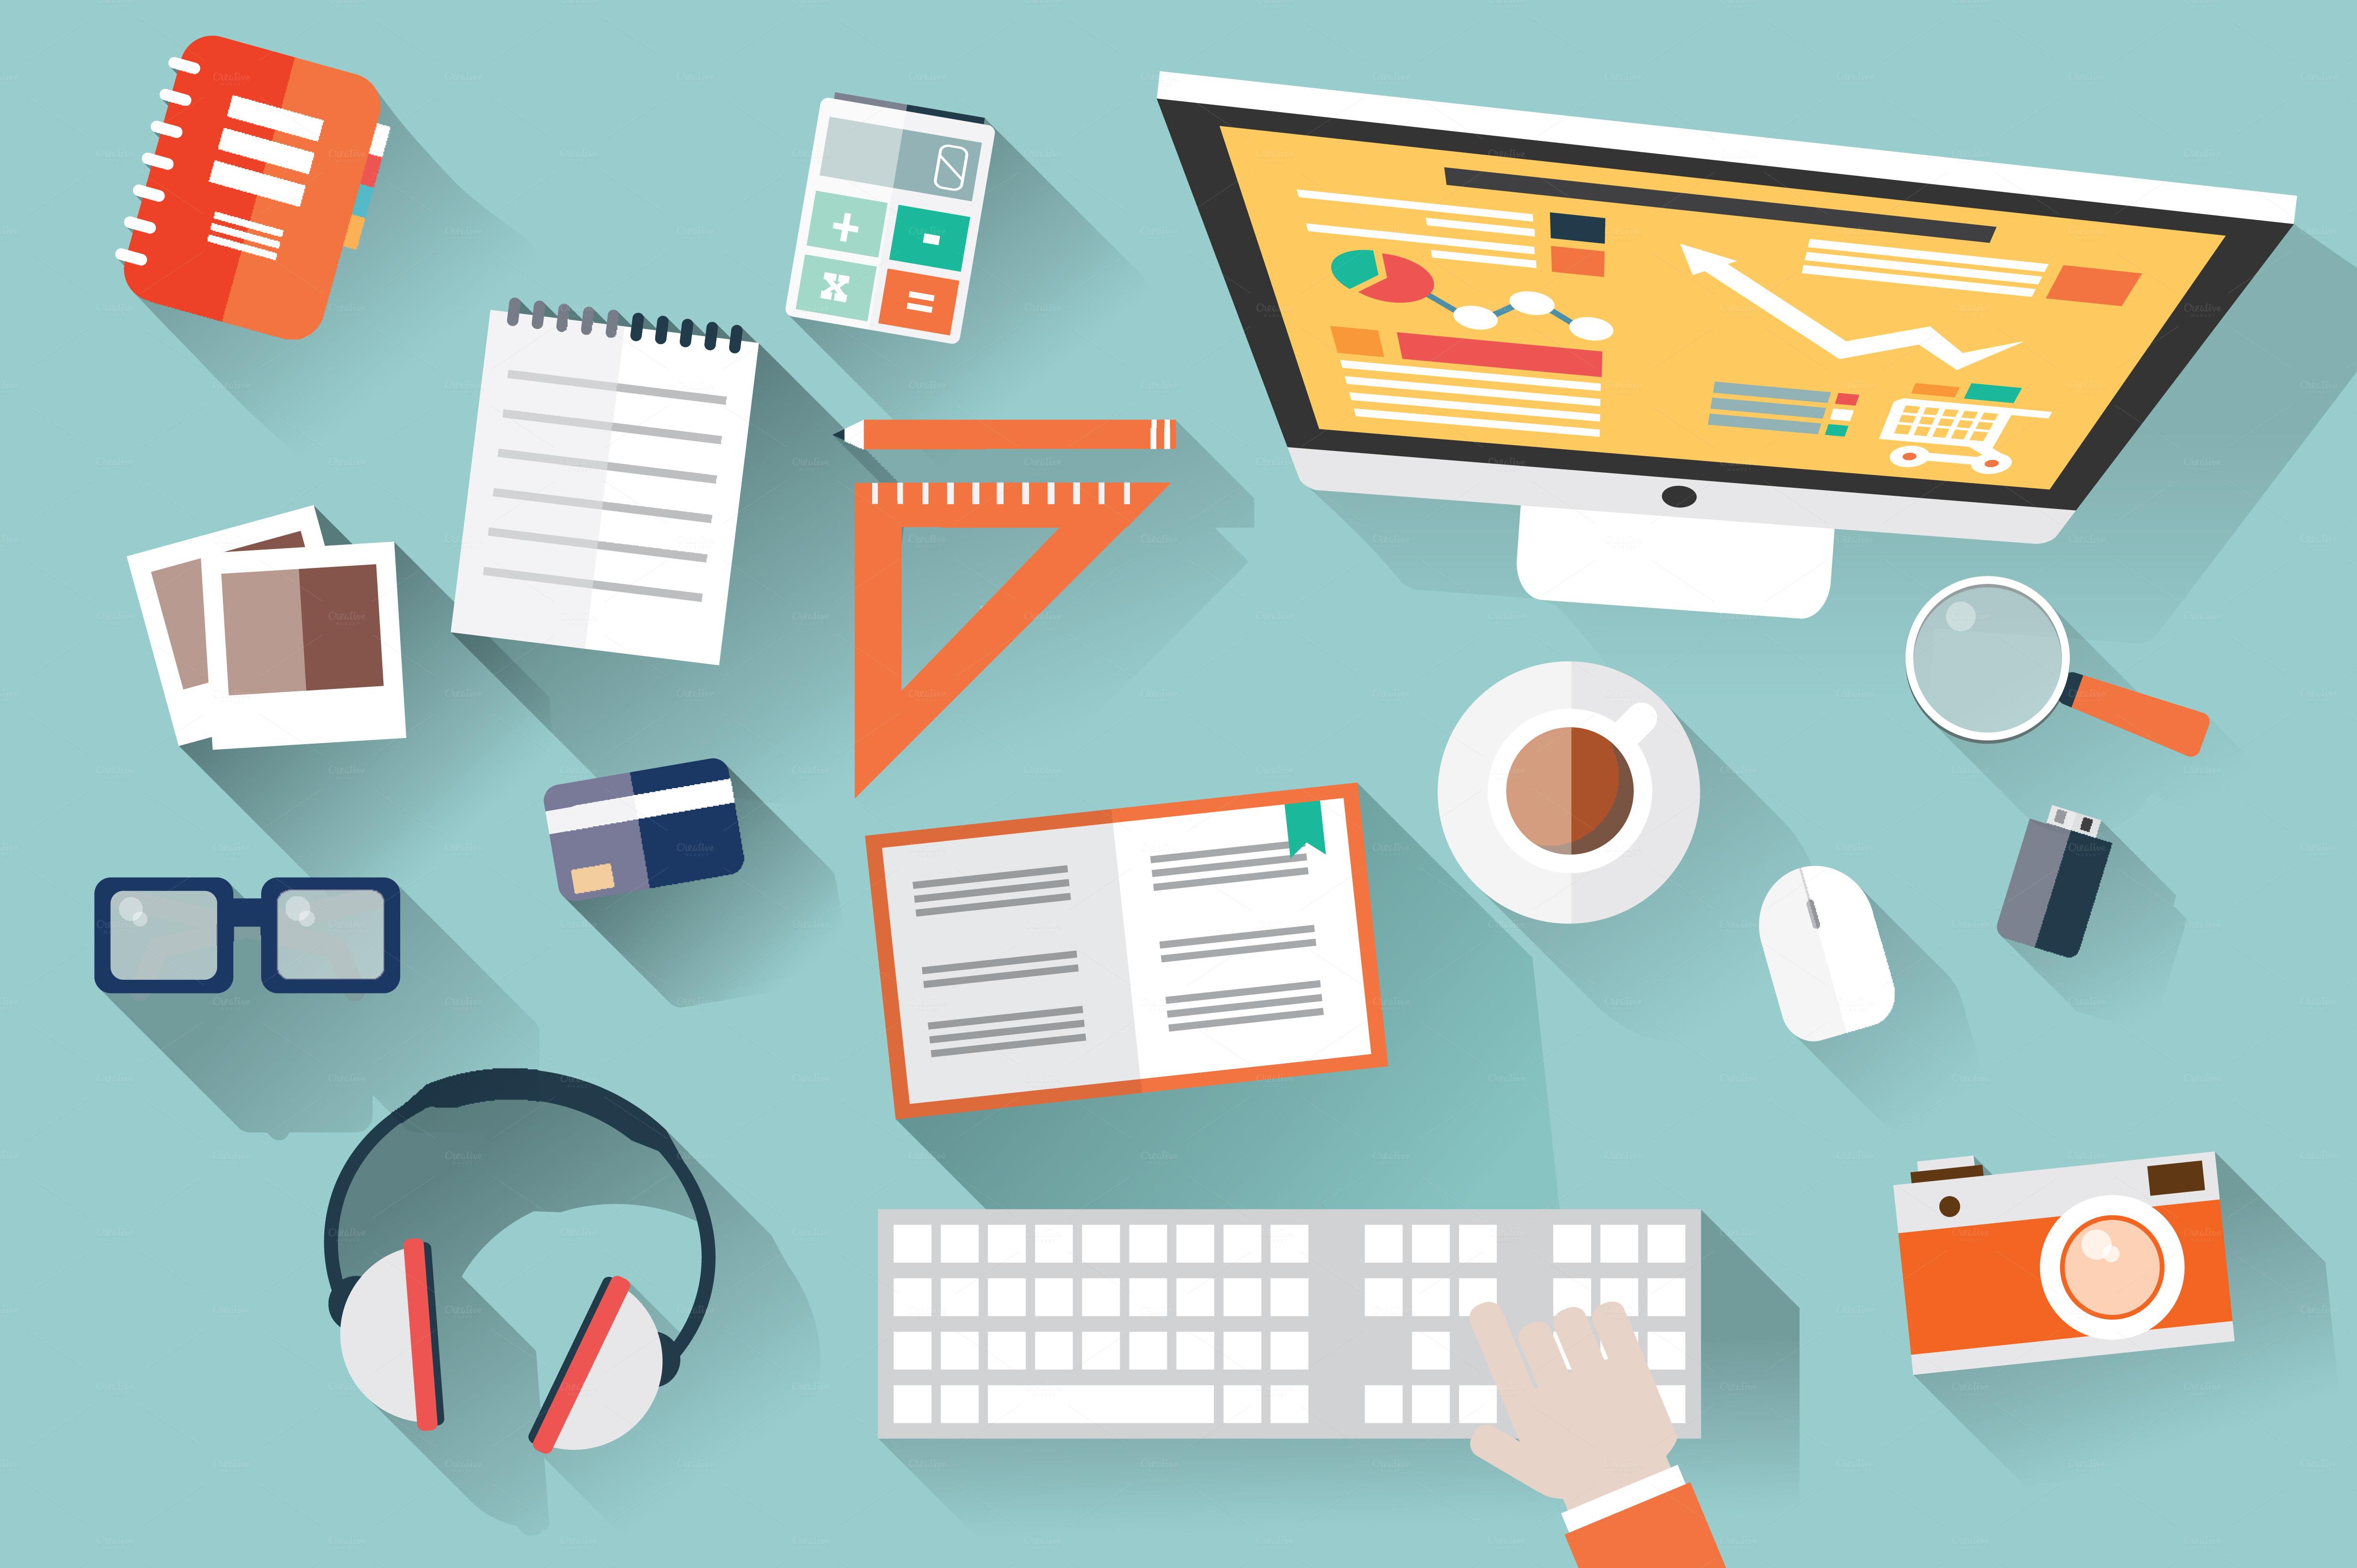 En iyi 200 Grafik, Uygulama & Web Tasarımı Araçları ve Kaynakları